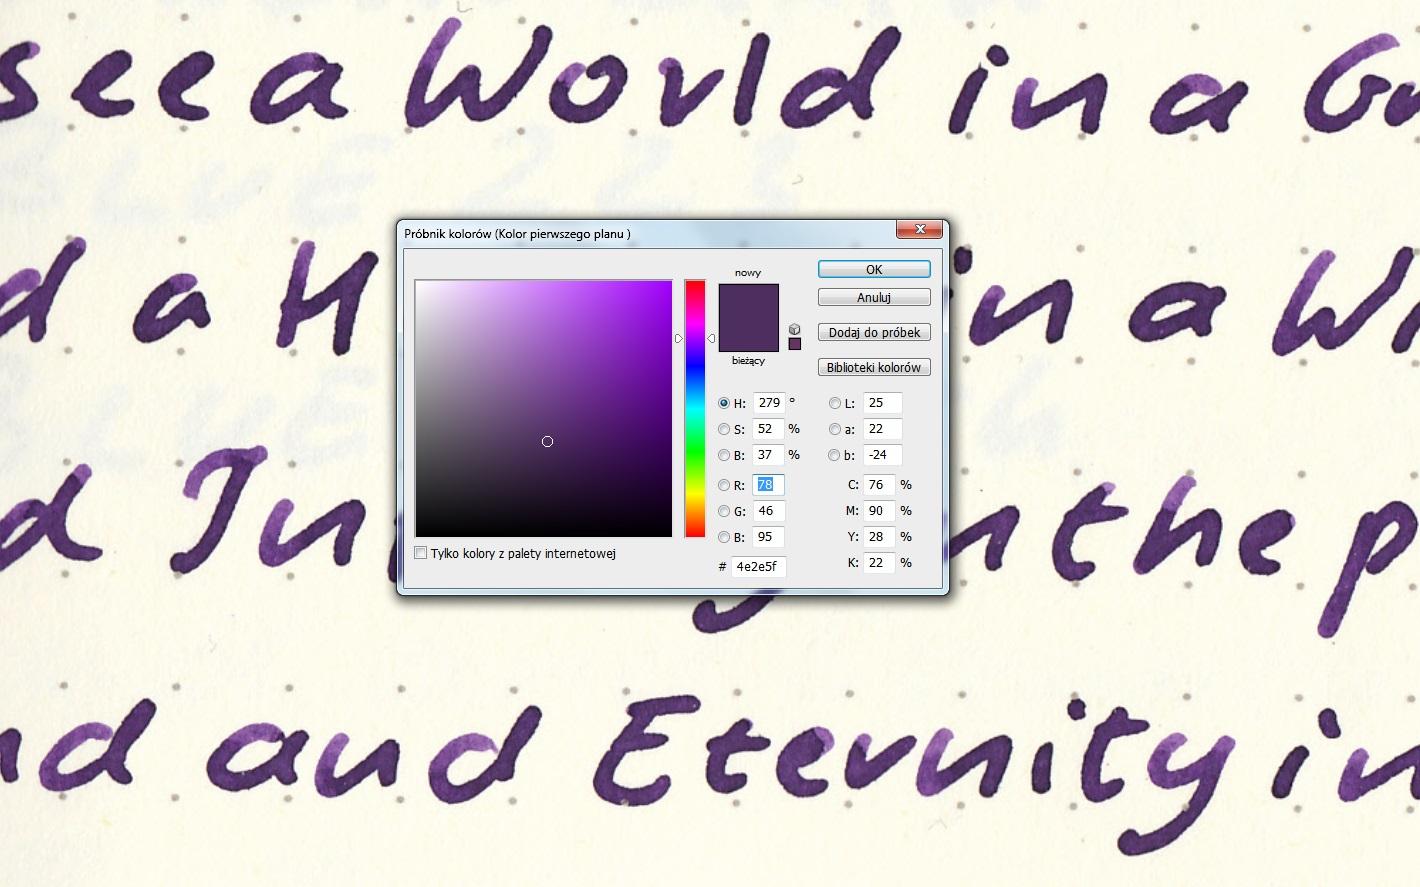 fpn_1455051682__violet_stdupont_leuchtur